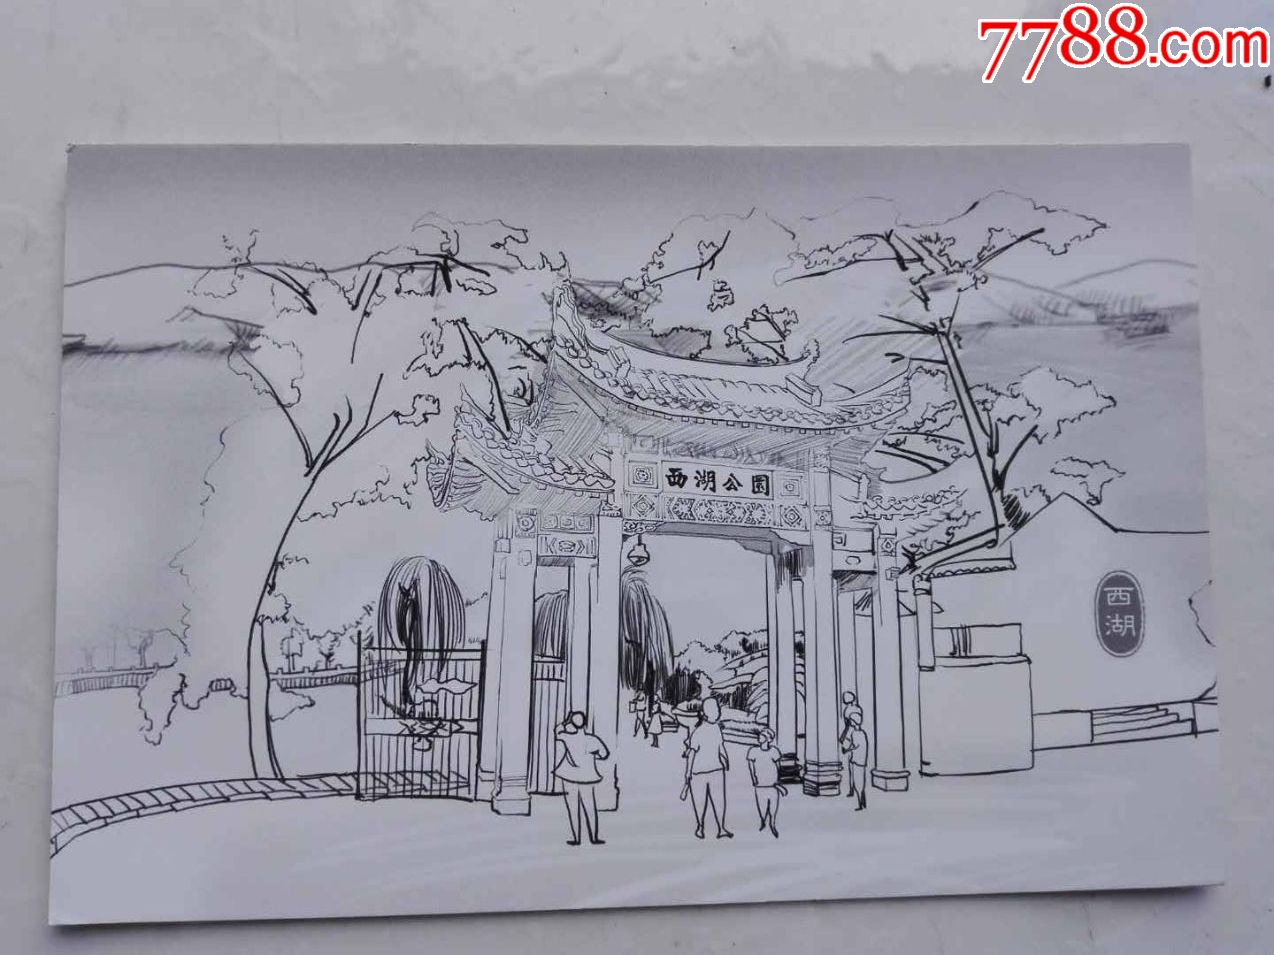 刘烨楠手绘画------福州西湖公园图片